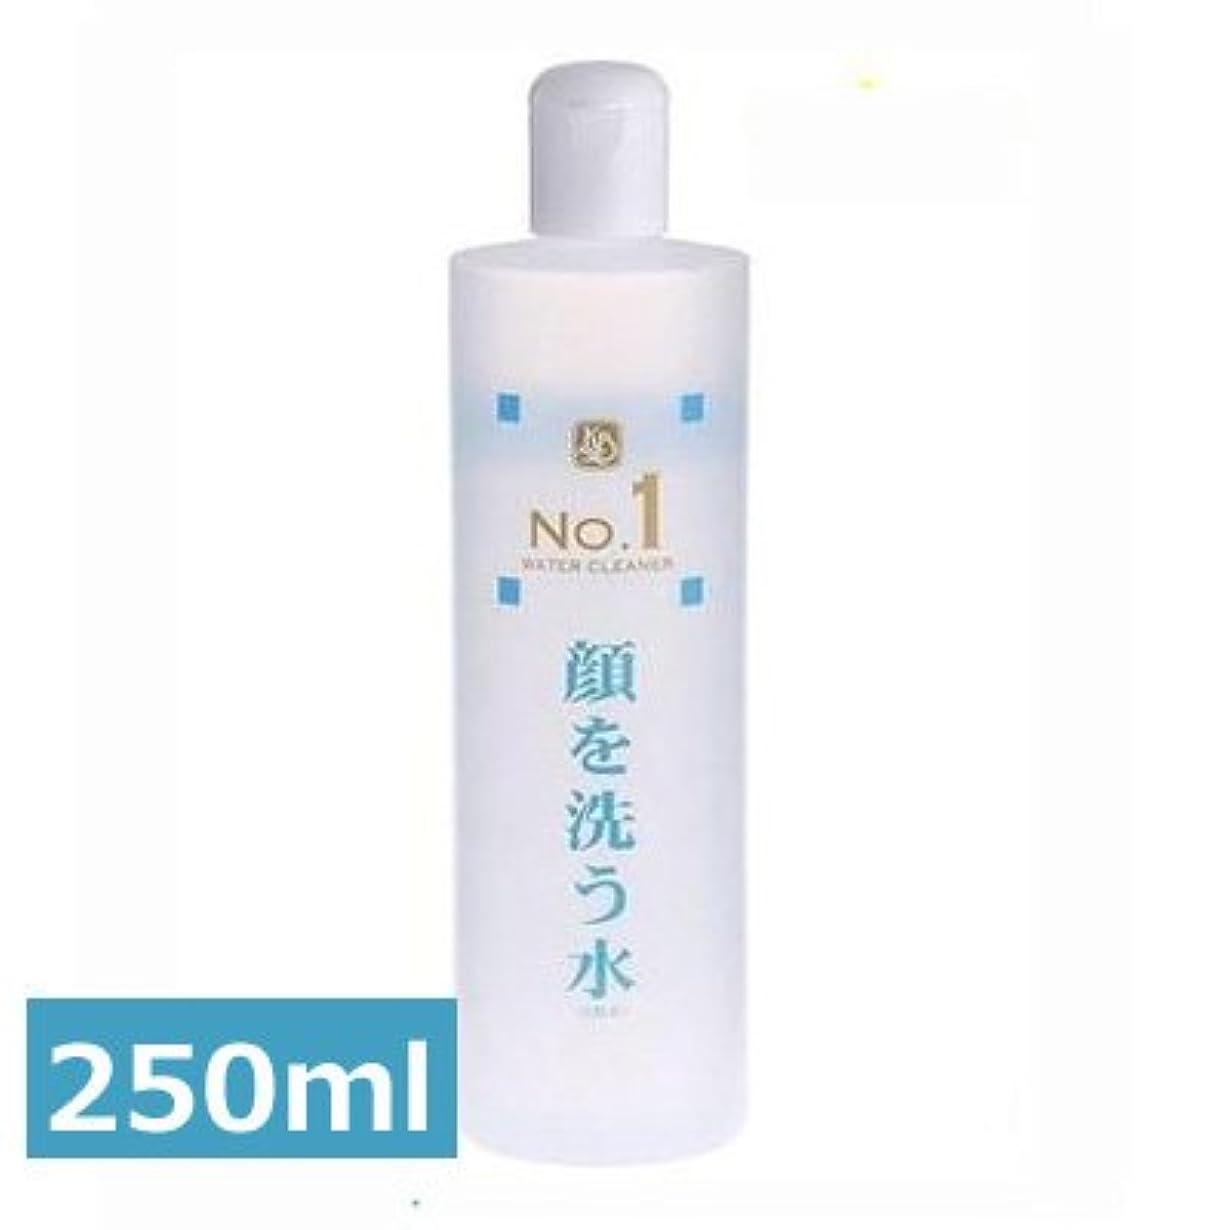 クーポン金銭的世紀ウォータークリーナー カミヤマ美研 顔を洗う水 No.1 250ml 2本セット